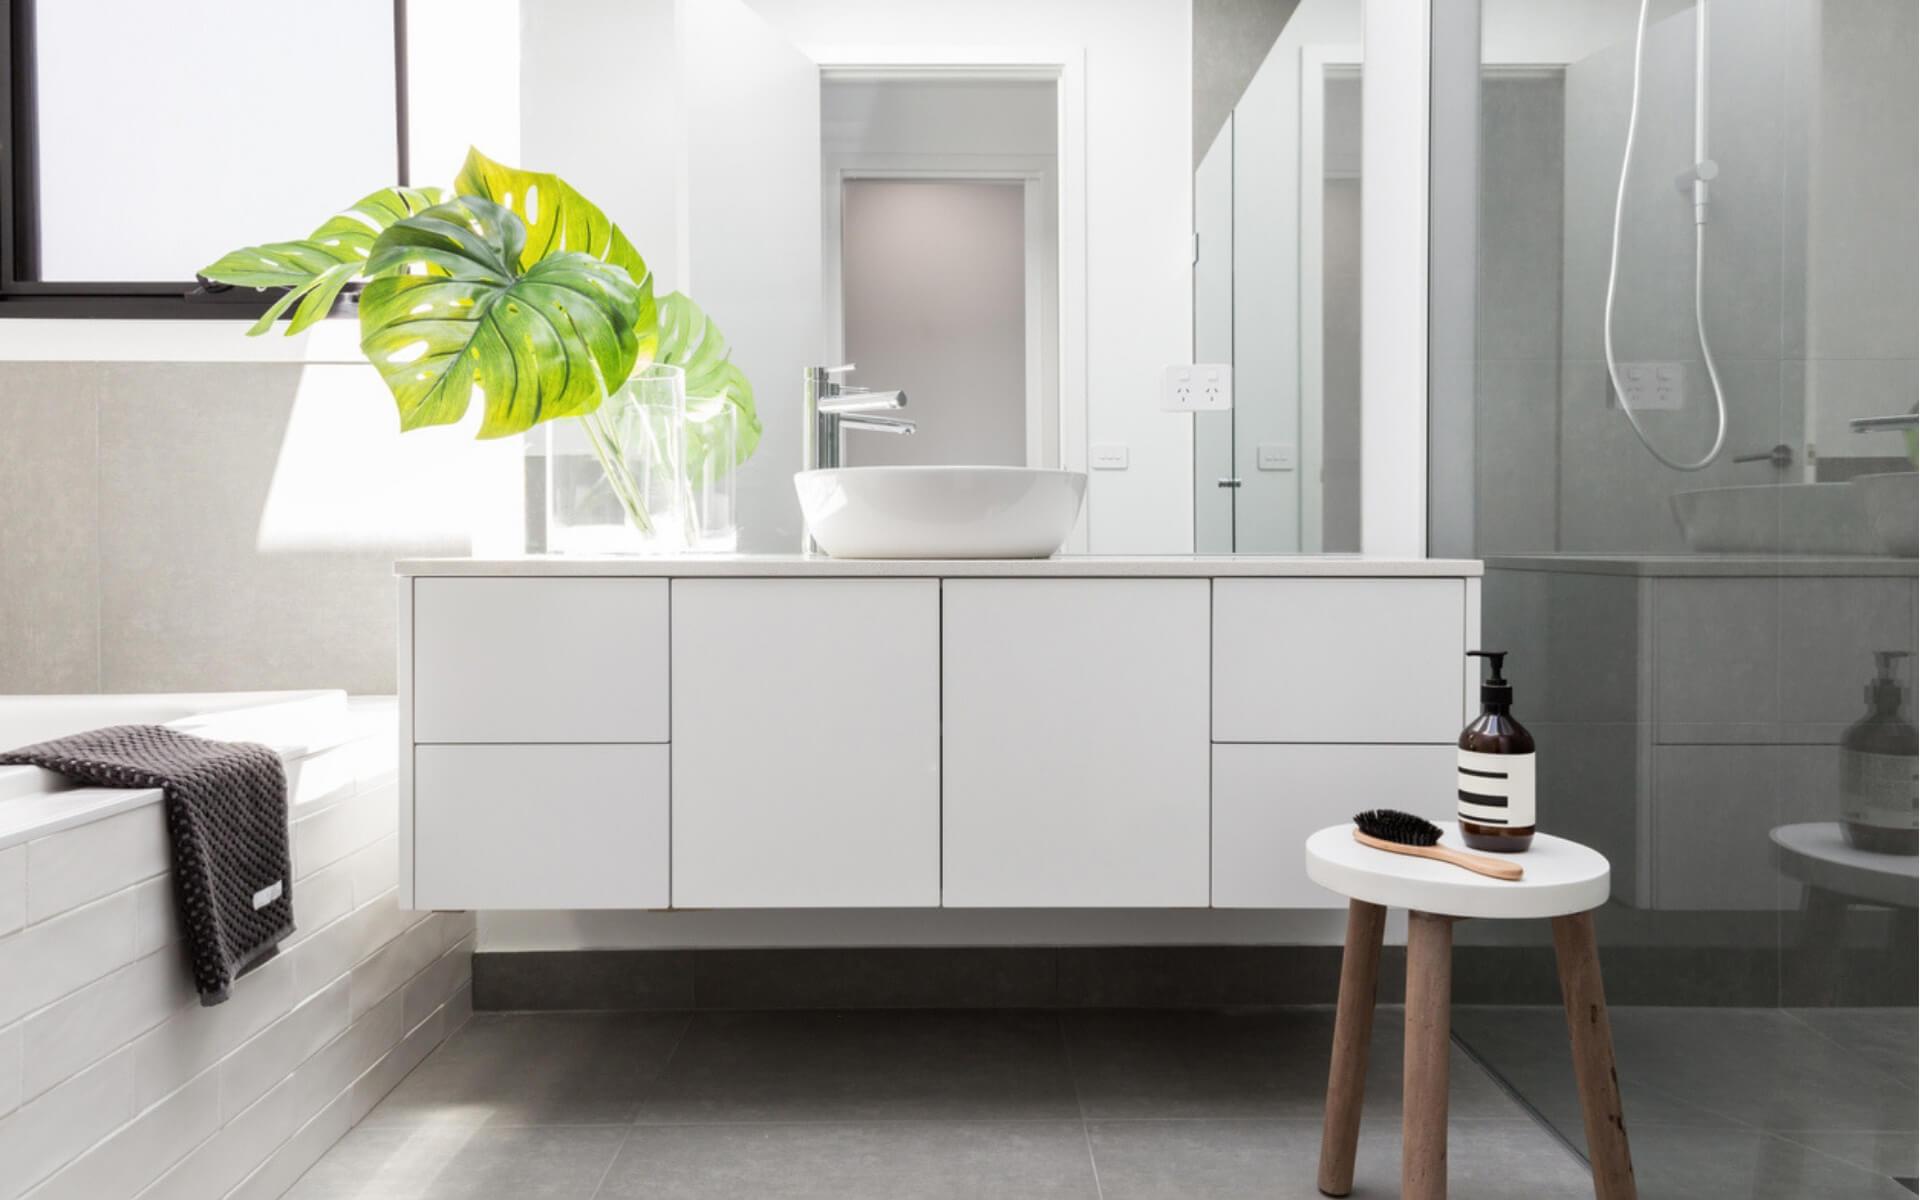 Suggerimenti e consigli per disporre i mobili in bagno in modo pratico